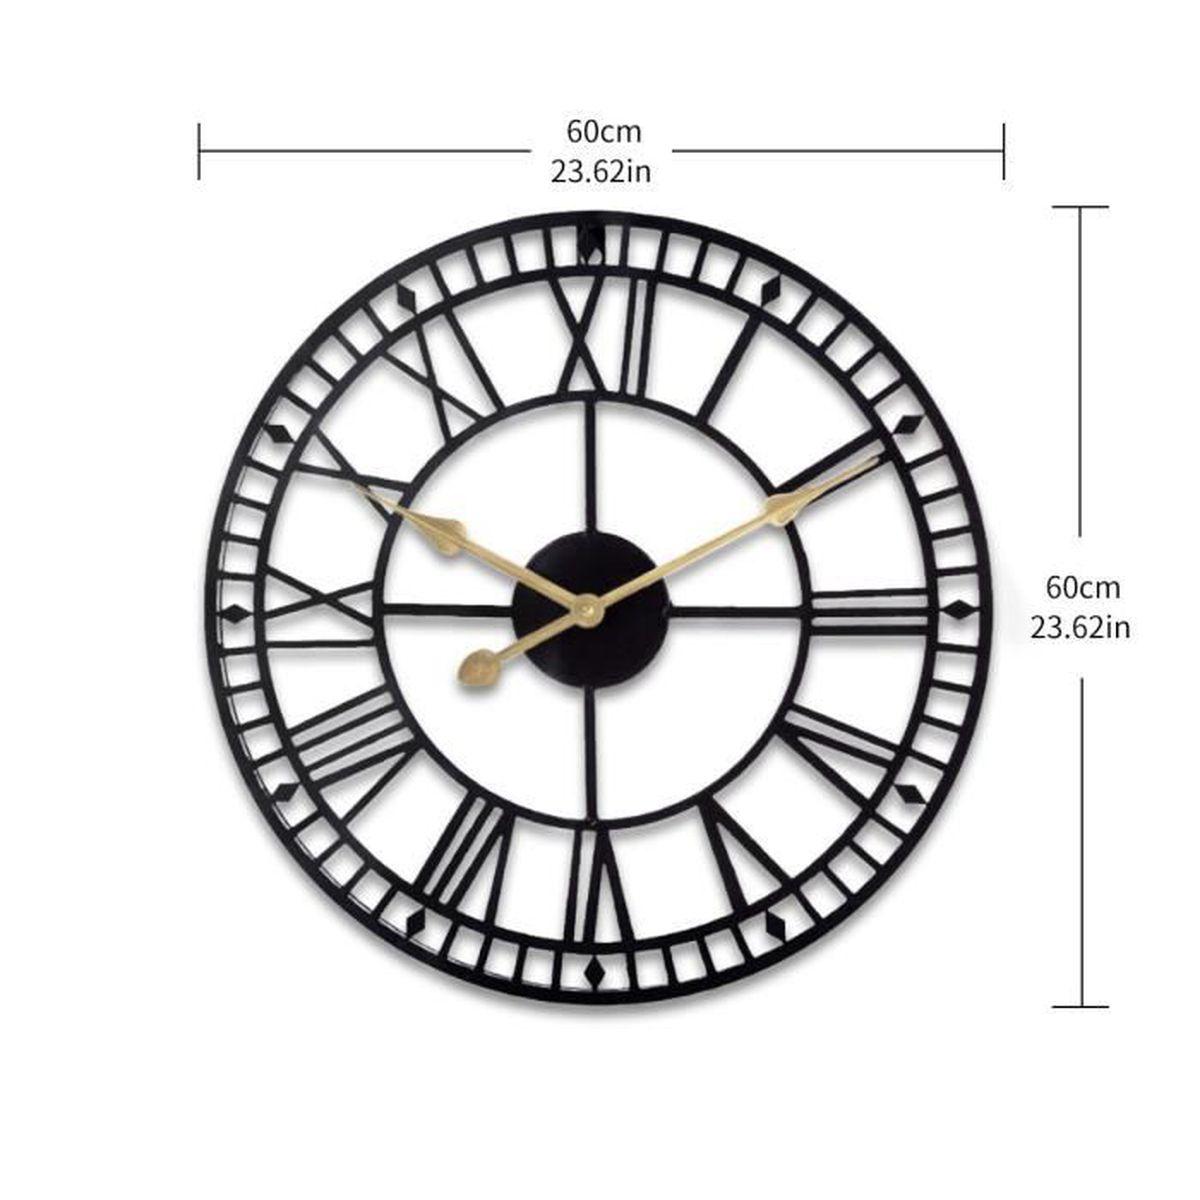 Grosse Horloge Fer Forgé grande horloge murale antiquité noire grande taille 60cm pour bureau de  salon, facile à lire avec chiffres romains